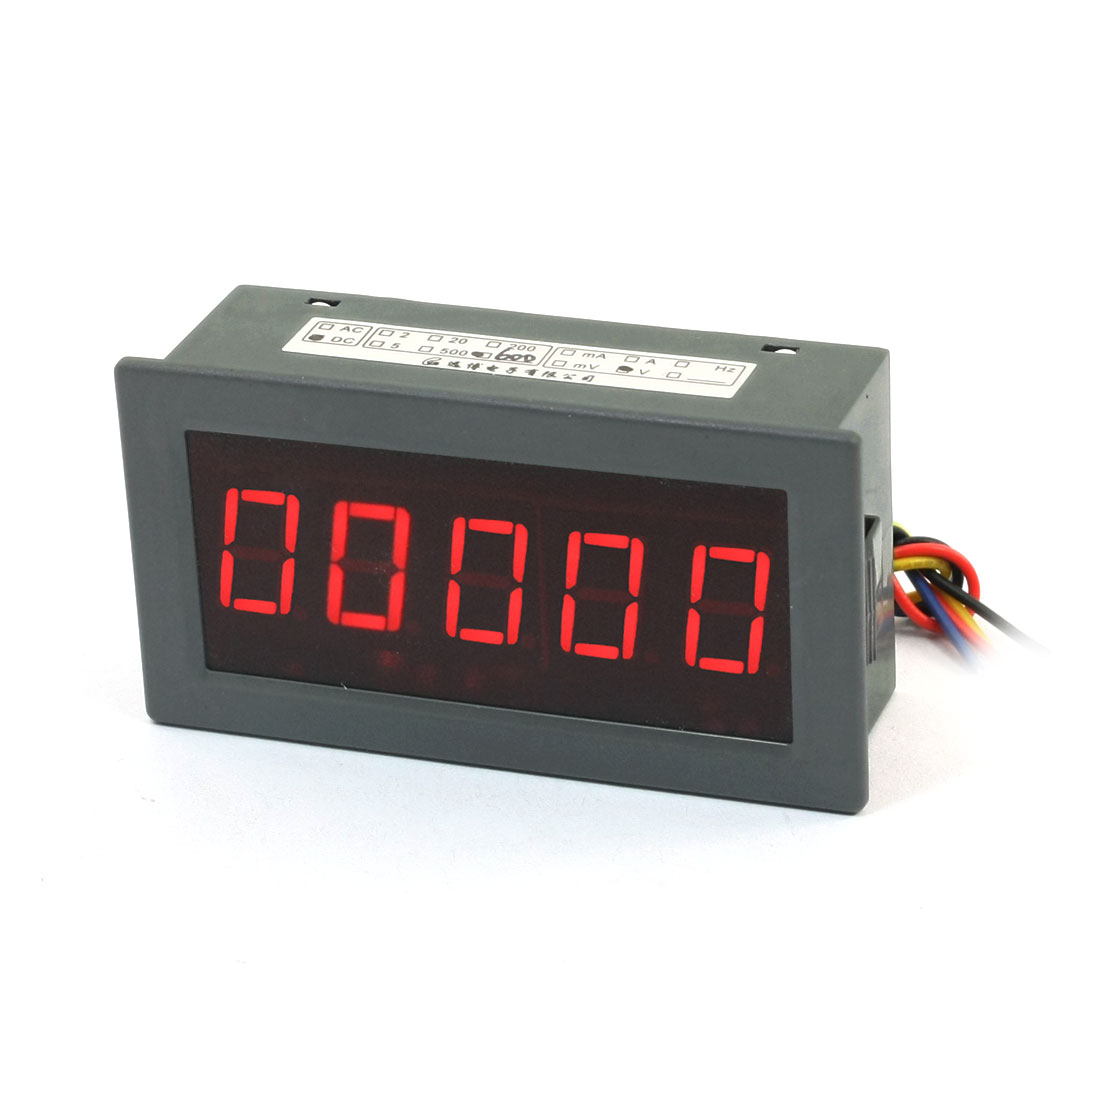 Gray Digital Voltmeter DC 0-600V Red LED Display 4 1/2 Panel Meter Gauge